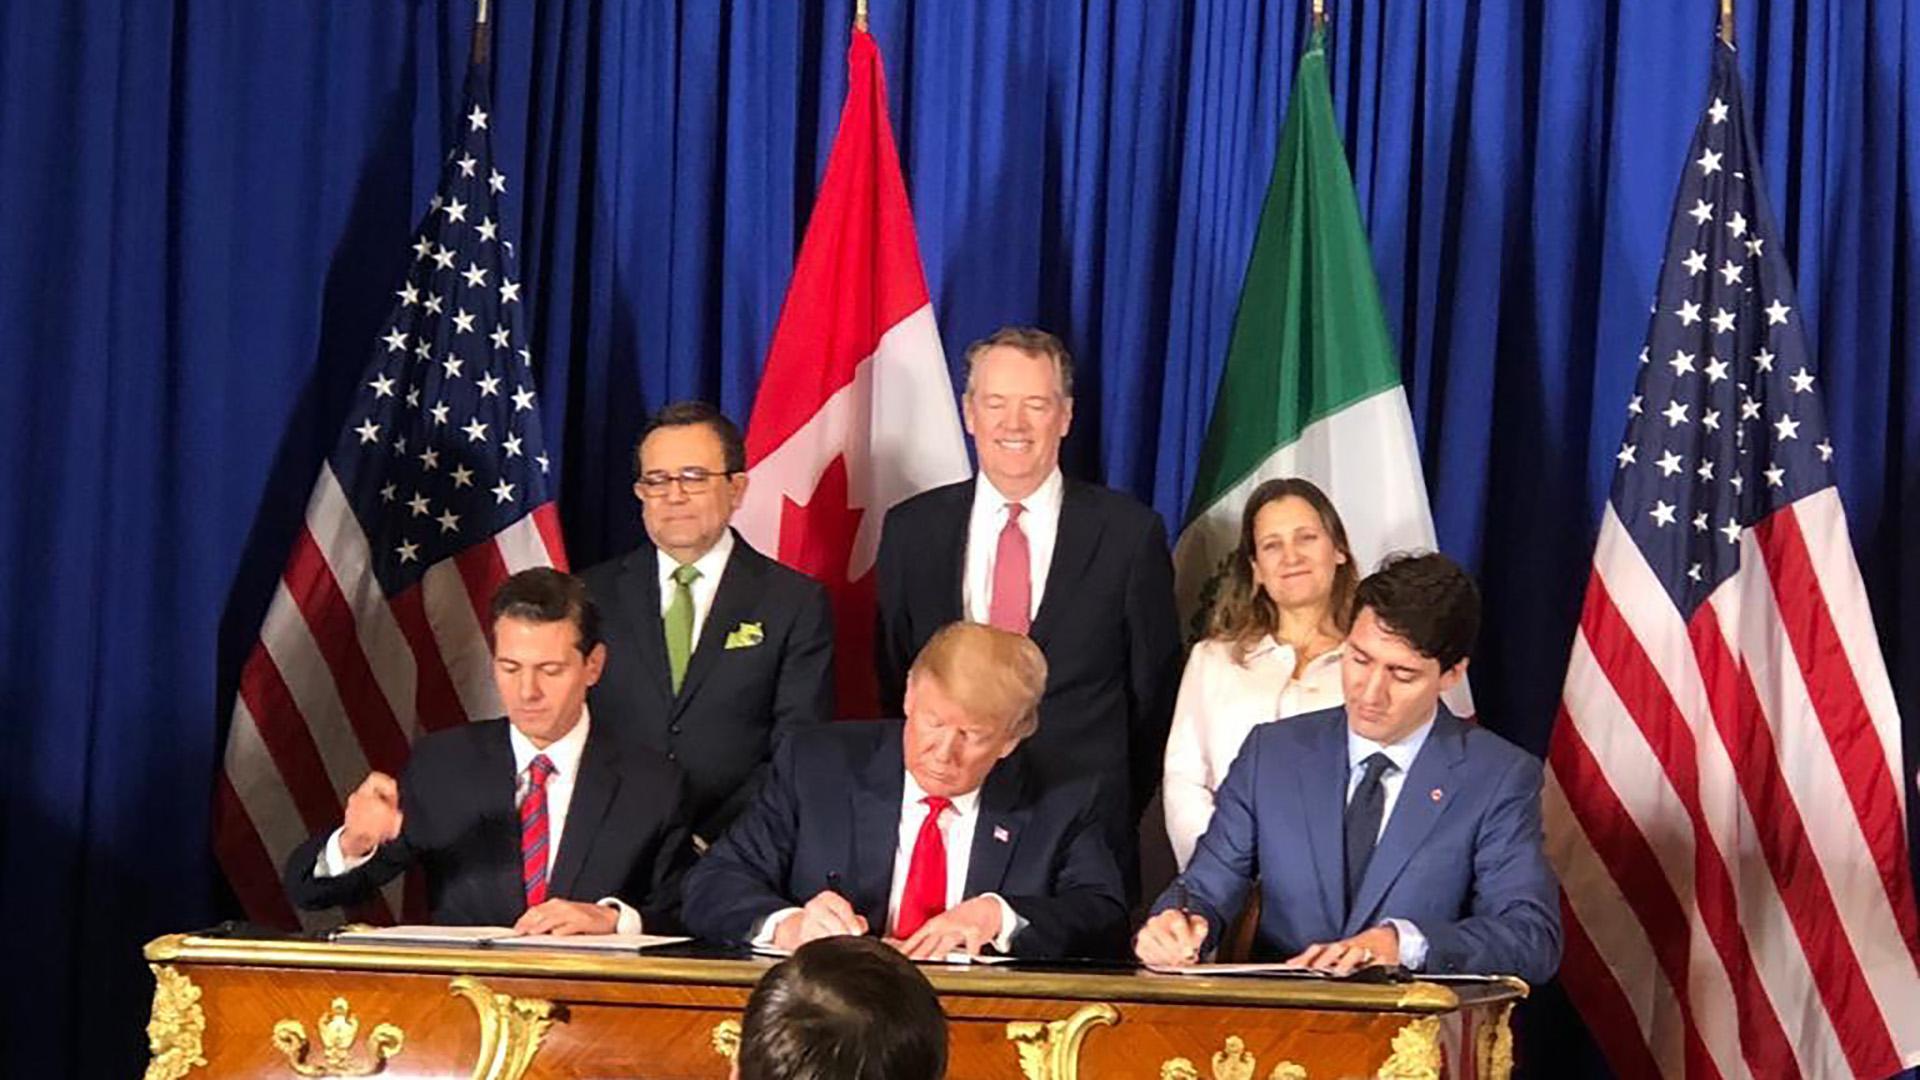 Estados Unidos, México y Canadá firmaron su nuevo acuerdo de libre comercio conocido como T-MEC(Télam)